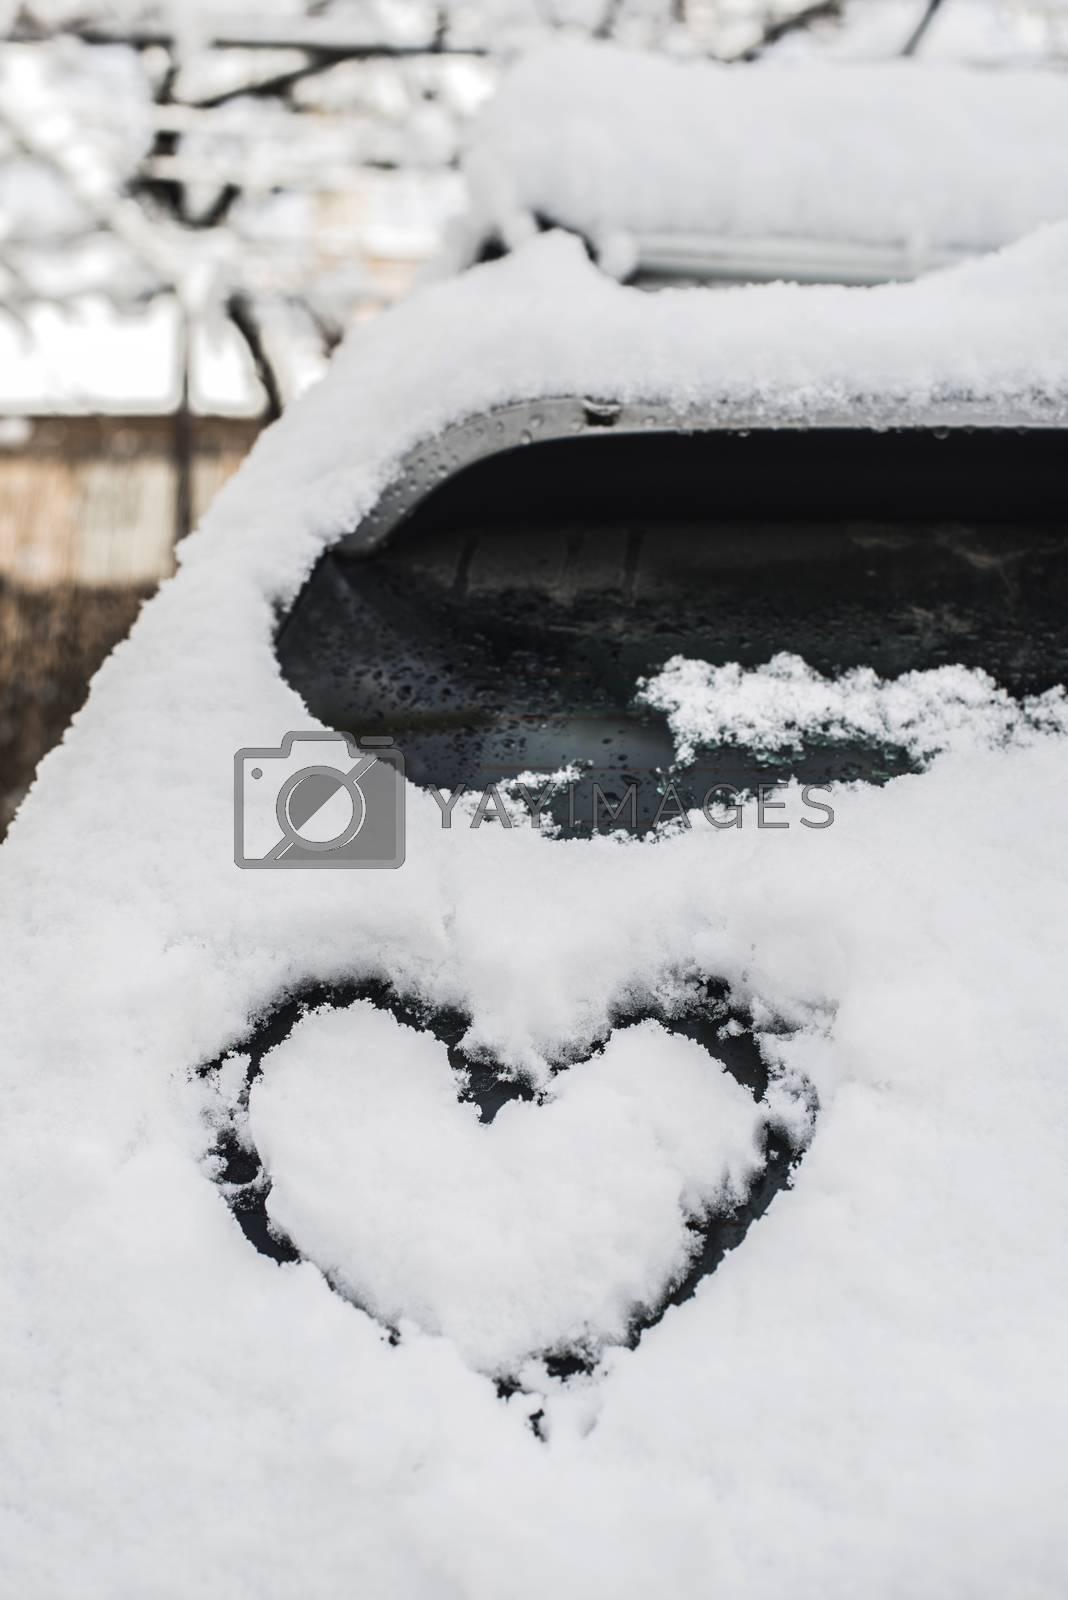 Snow heart shape on car by Georgiev